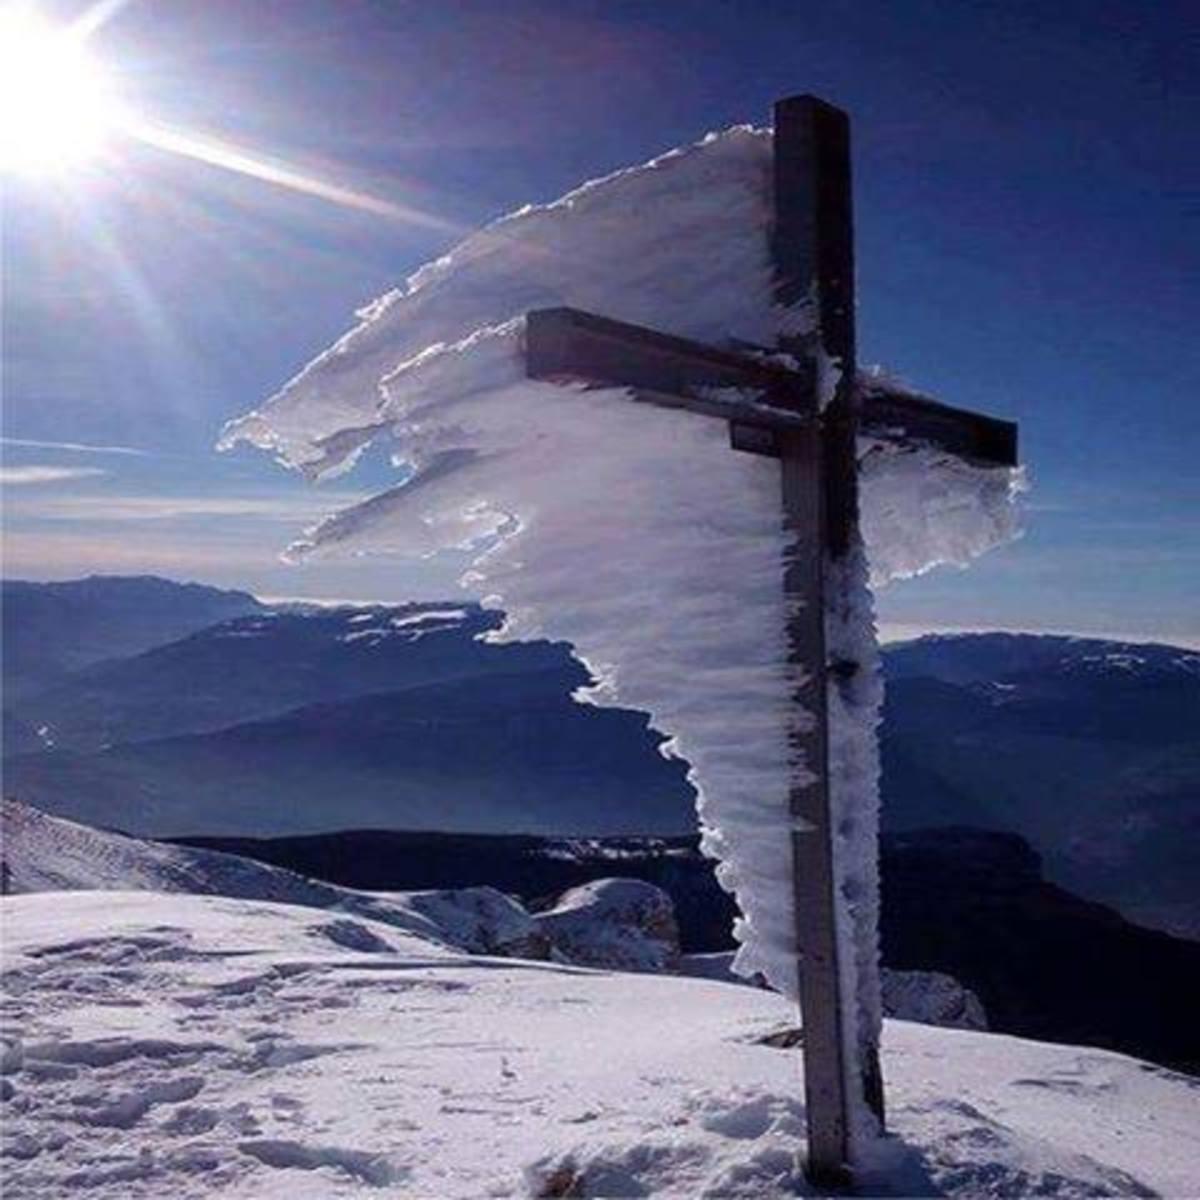 Χιόνια: Η συγκλονιστική φωτογραφία του σταυρού στον Ψηλορείτη | Newsit.gr